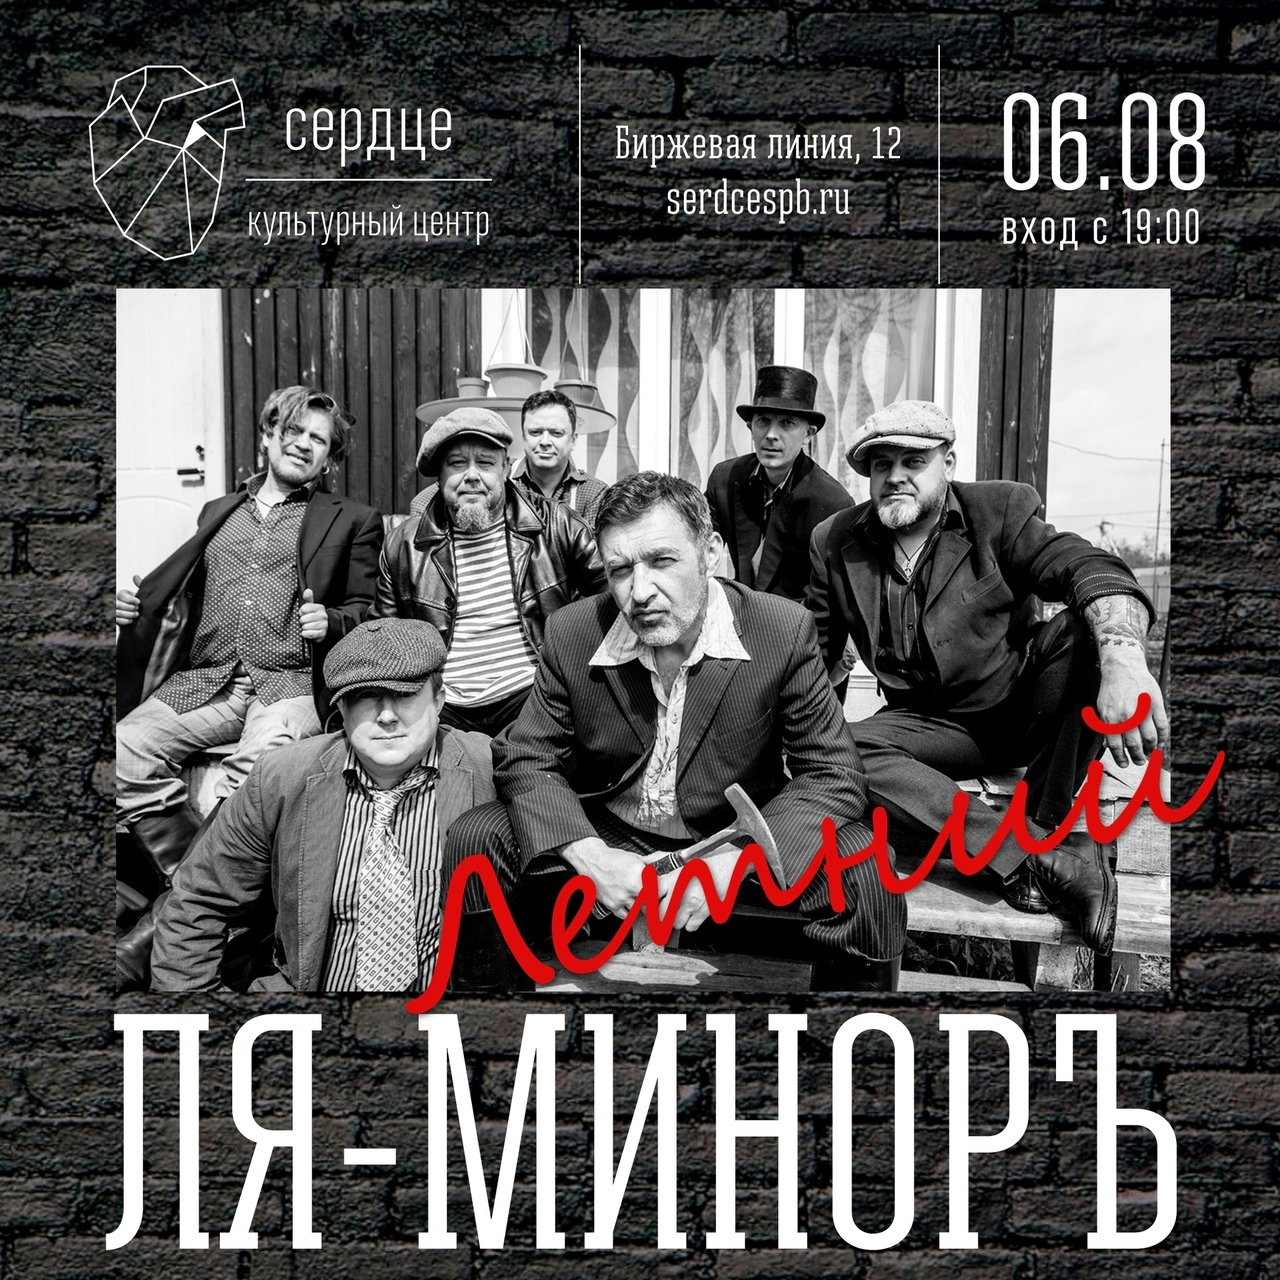 06.08 Ансамбль Ля-Миноръ в клубе «Сердце»!